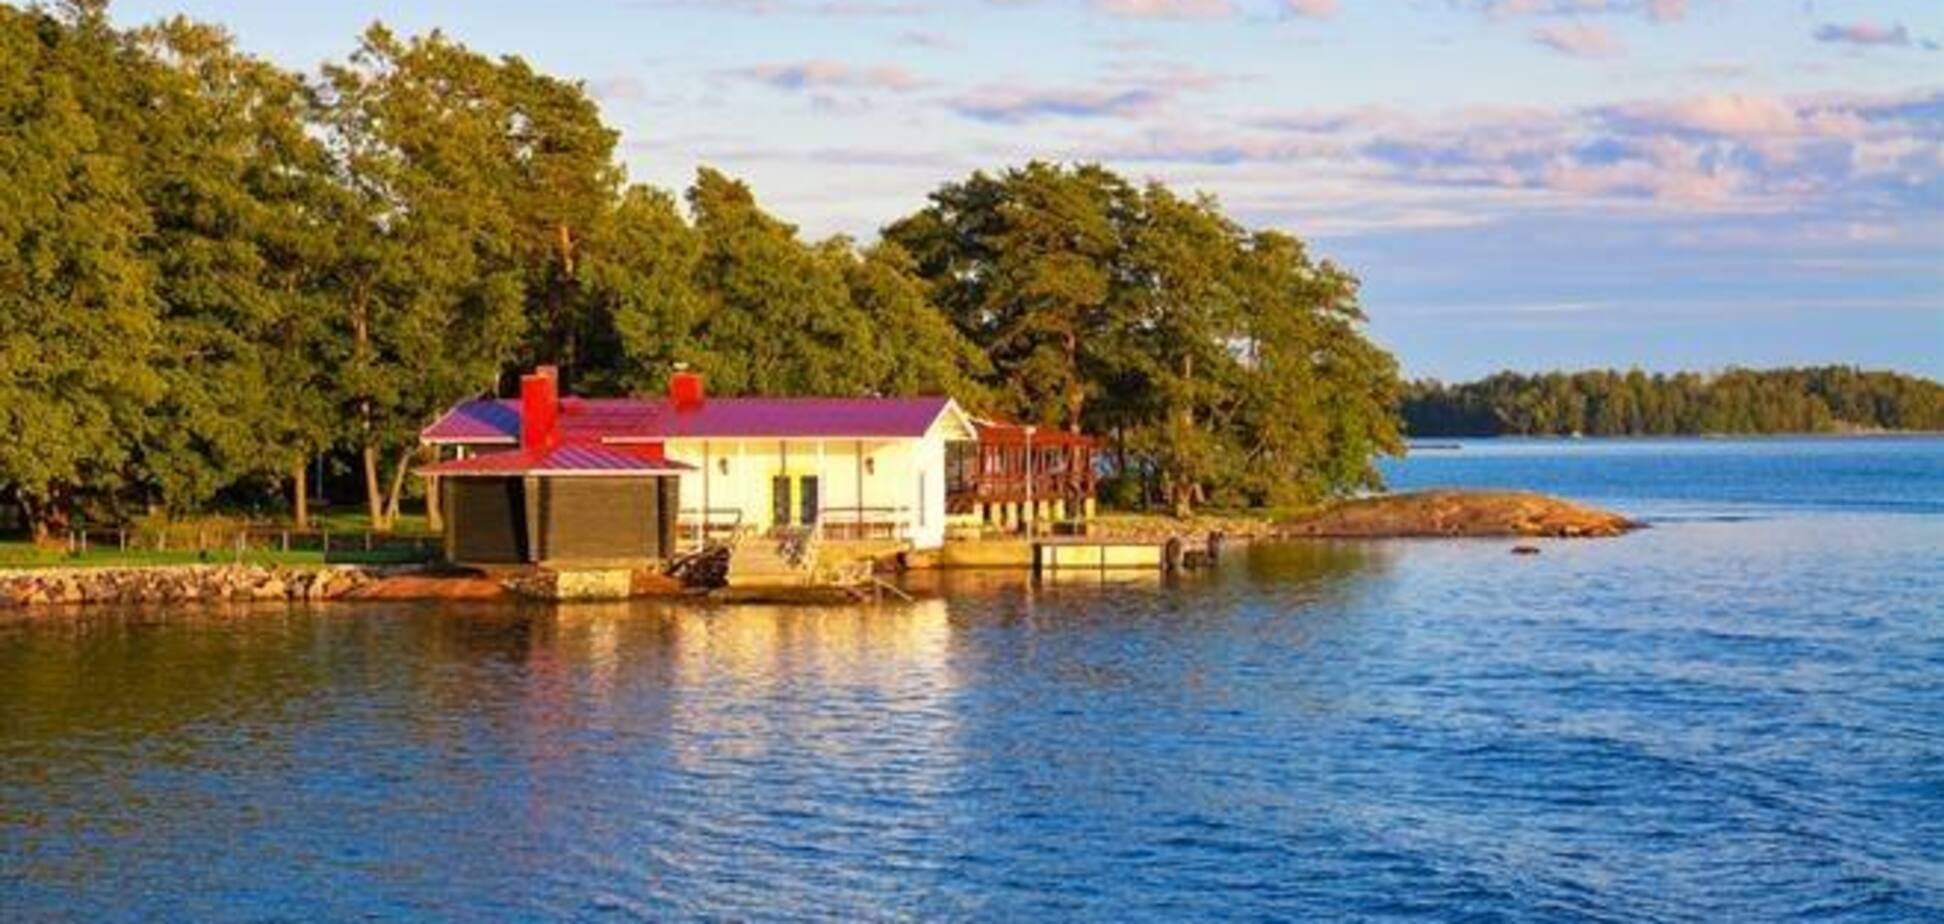 В Финляндии подешевели незастроенные участки на берегу